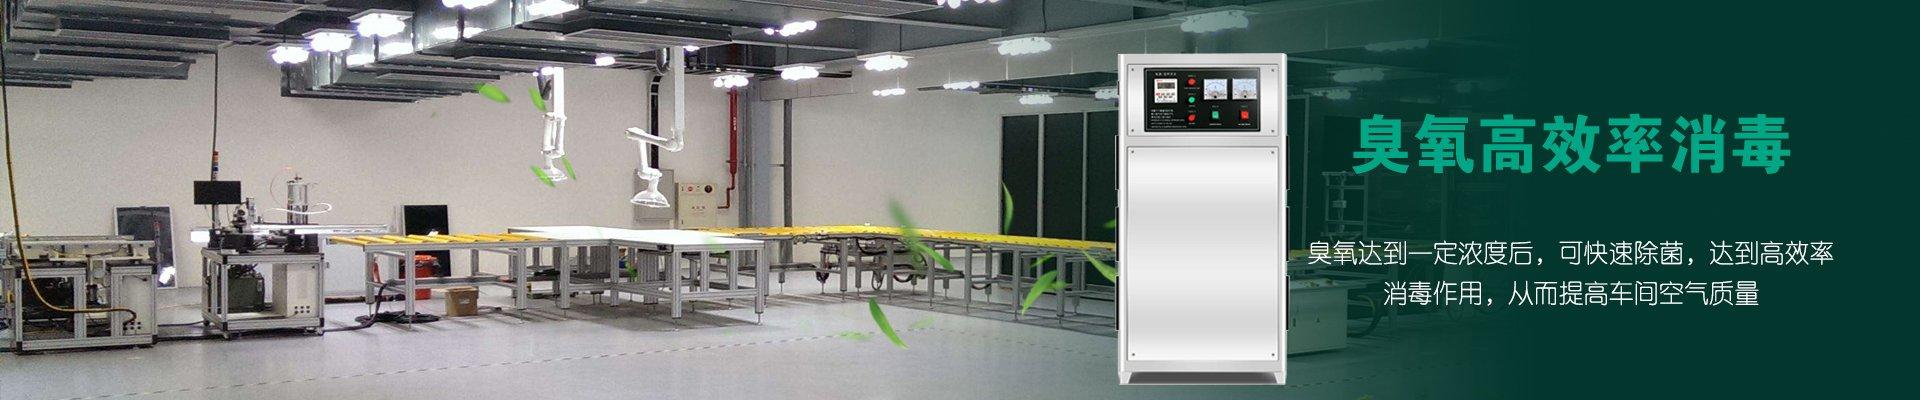 食品厂臭氧机